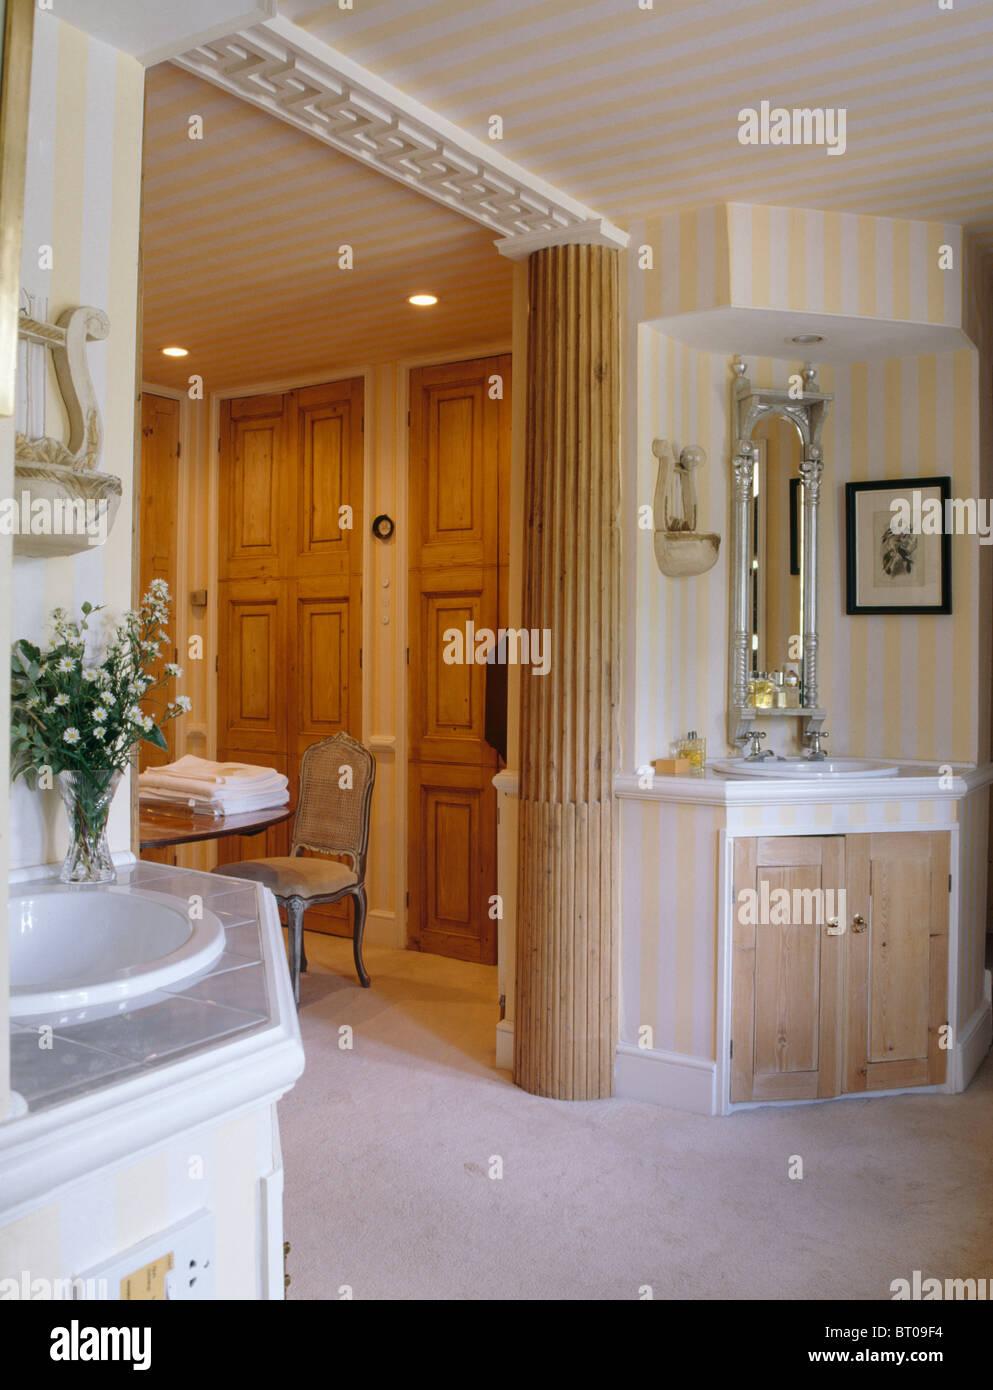 Colonne de support en bois classique dans une salle de bains ...